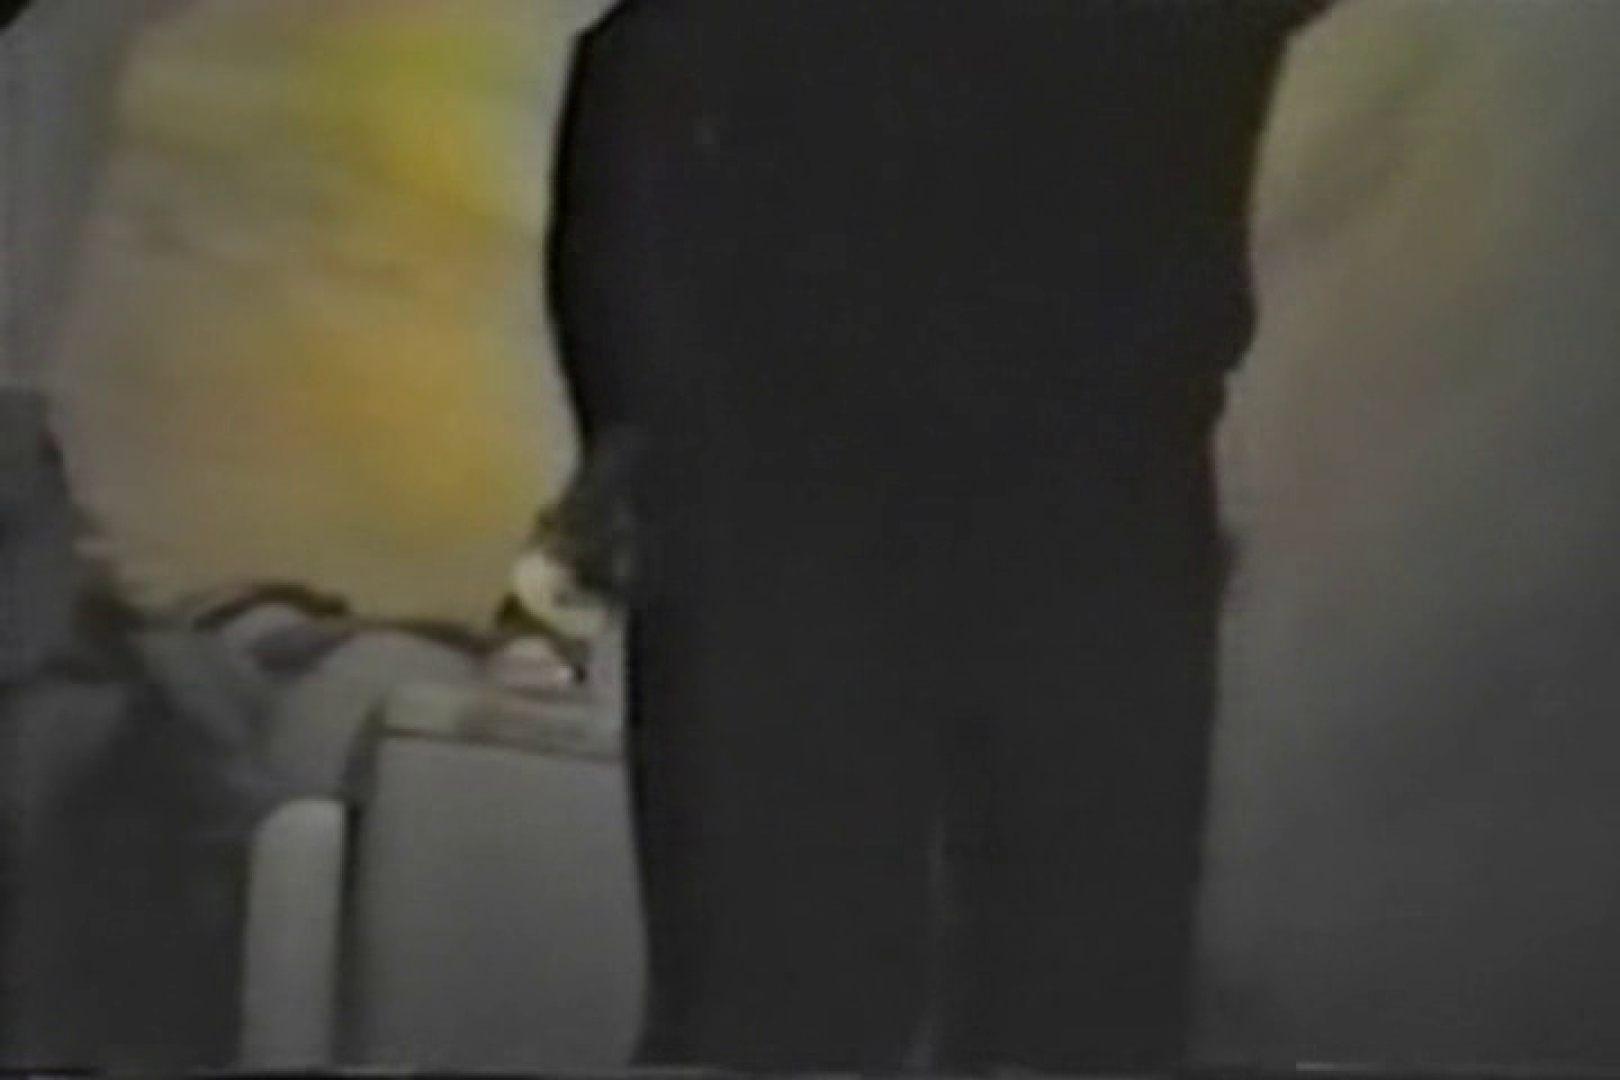 洋式洗面所オリジナルVol.2 女性の肛門 | おまんこ無修正  64画像 37